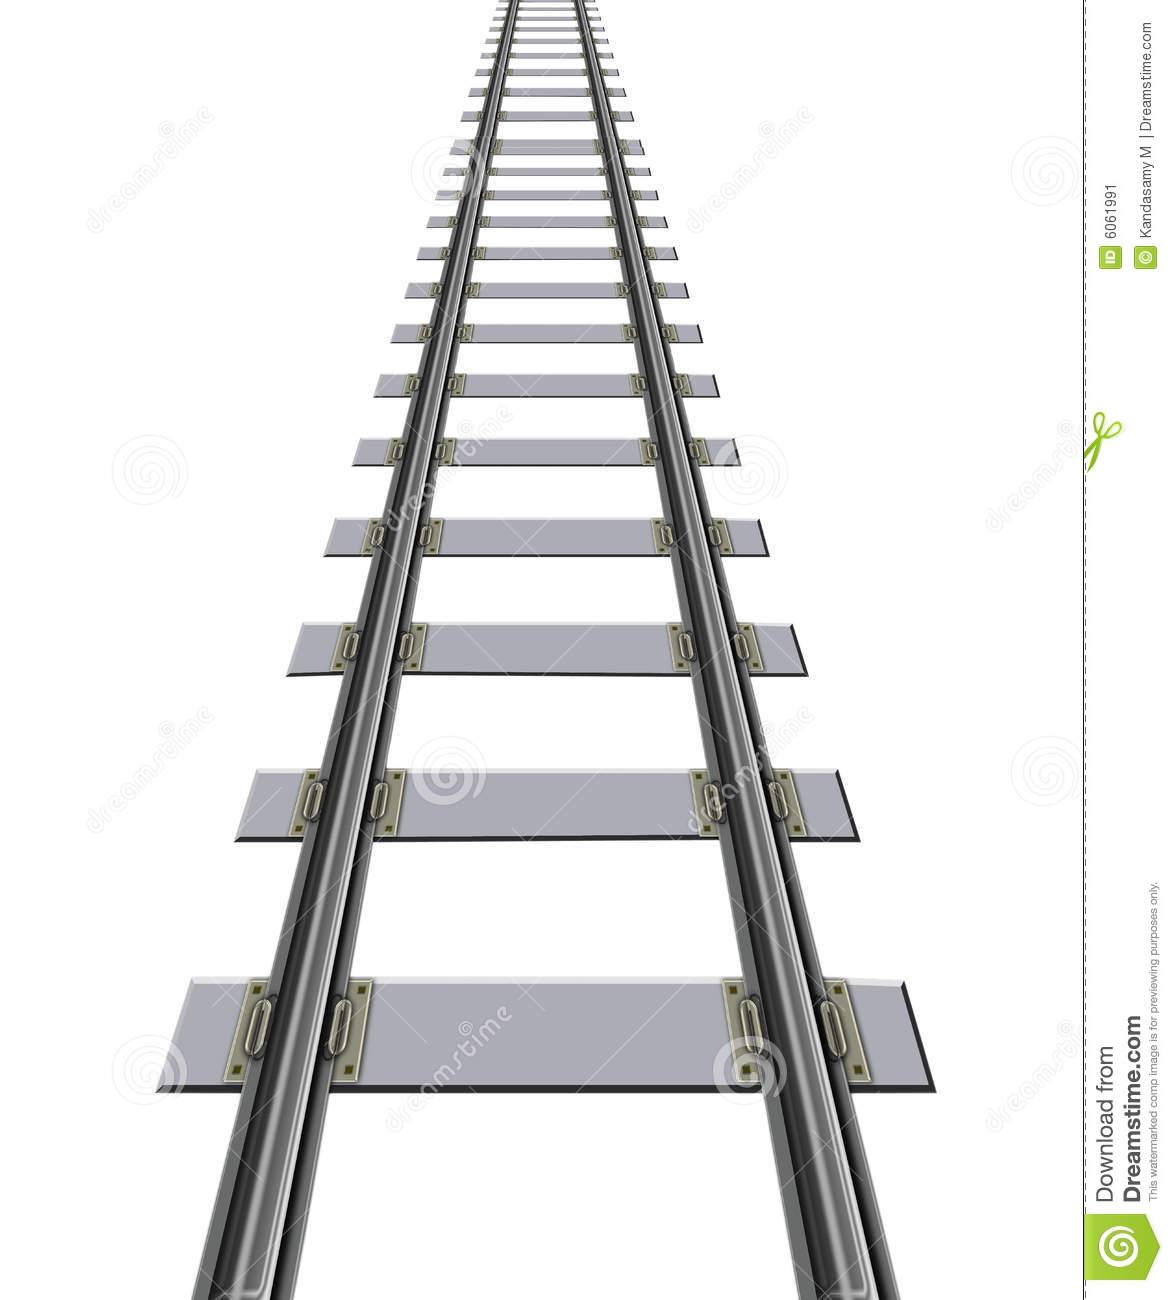 Train Track Clipart